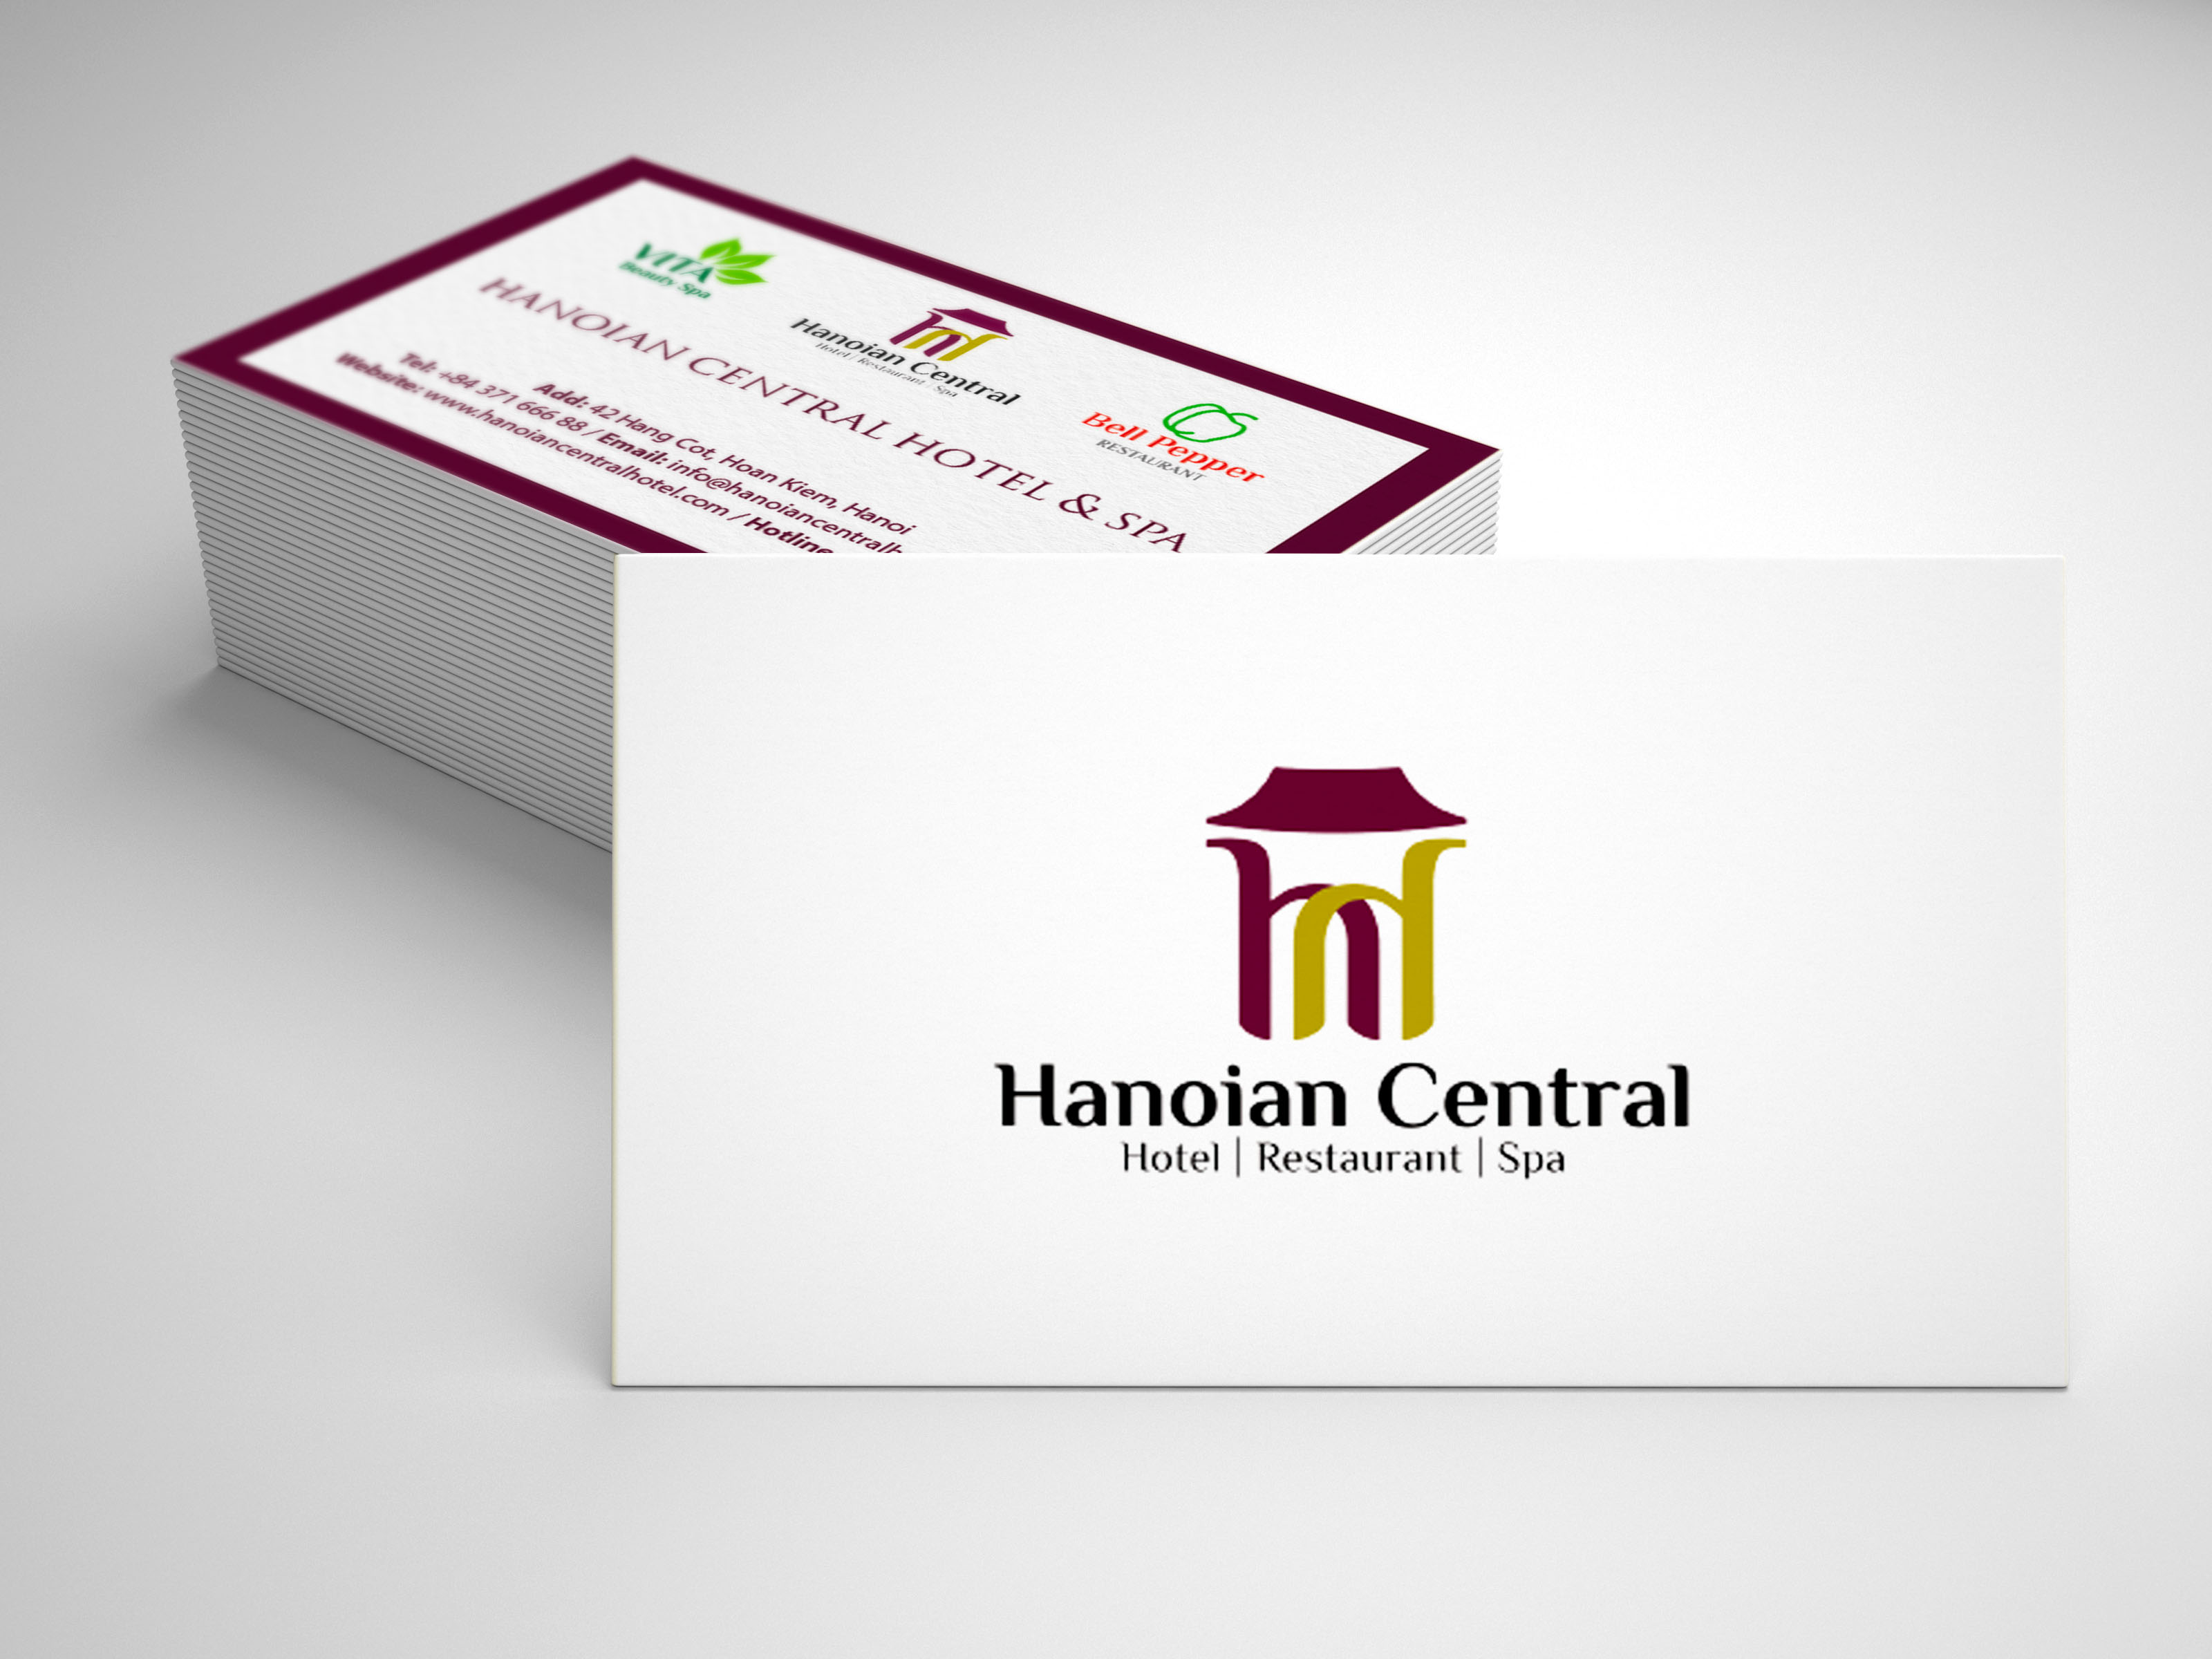 Thiết kế NDTH cho hệ thống khách sạn Hanoian